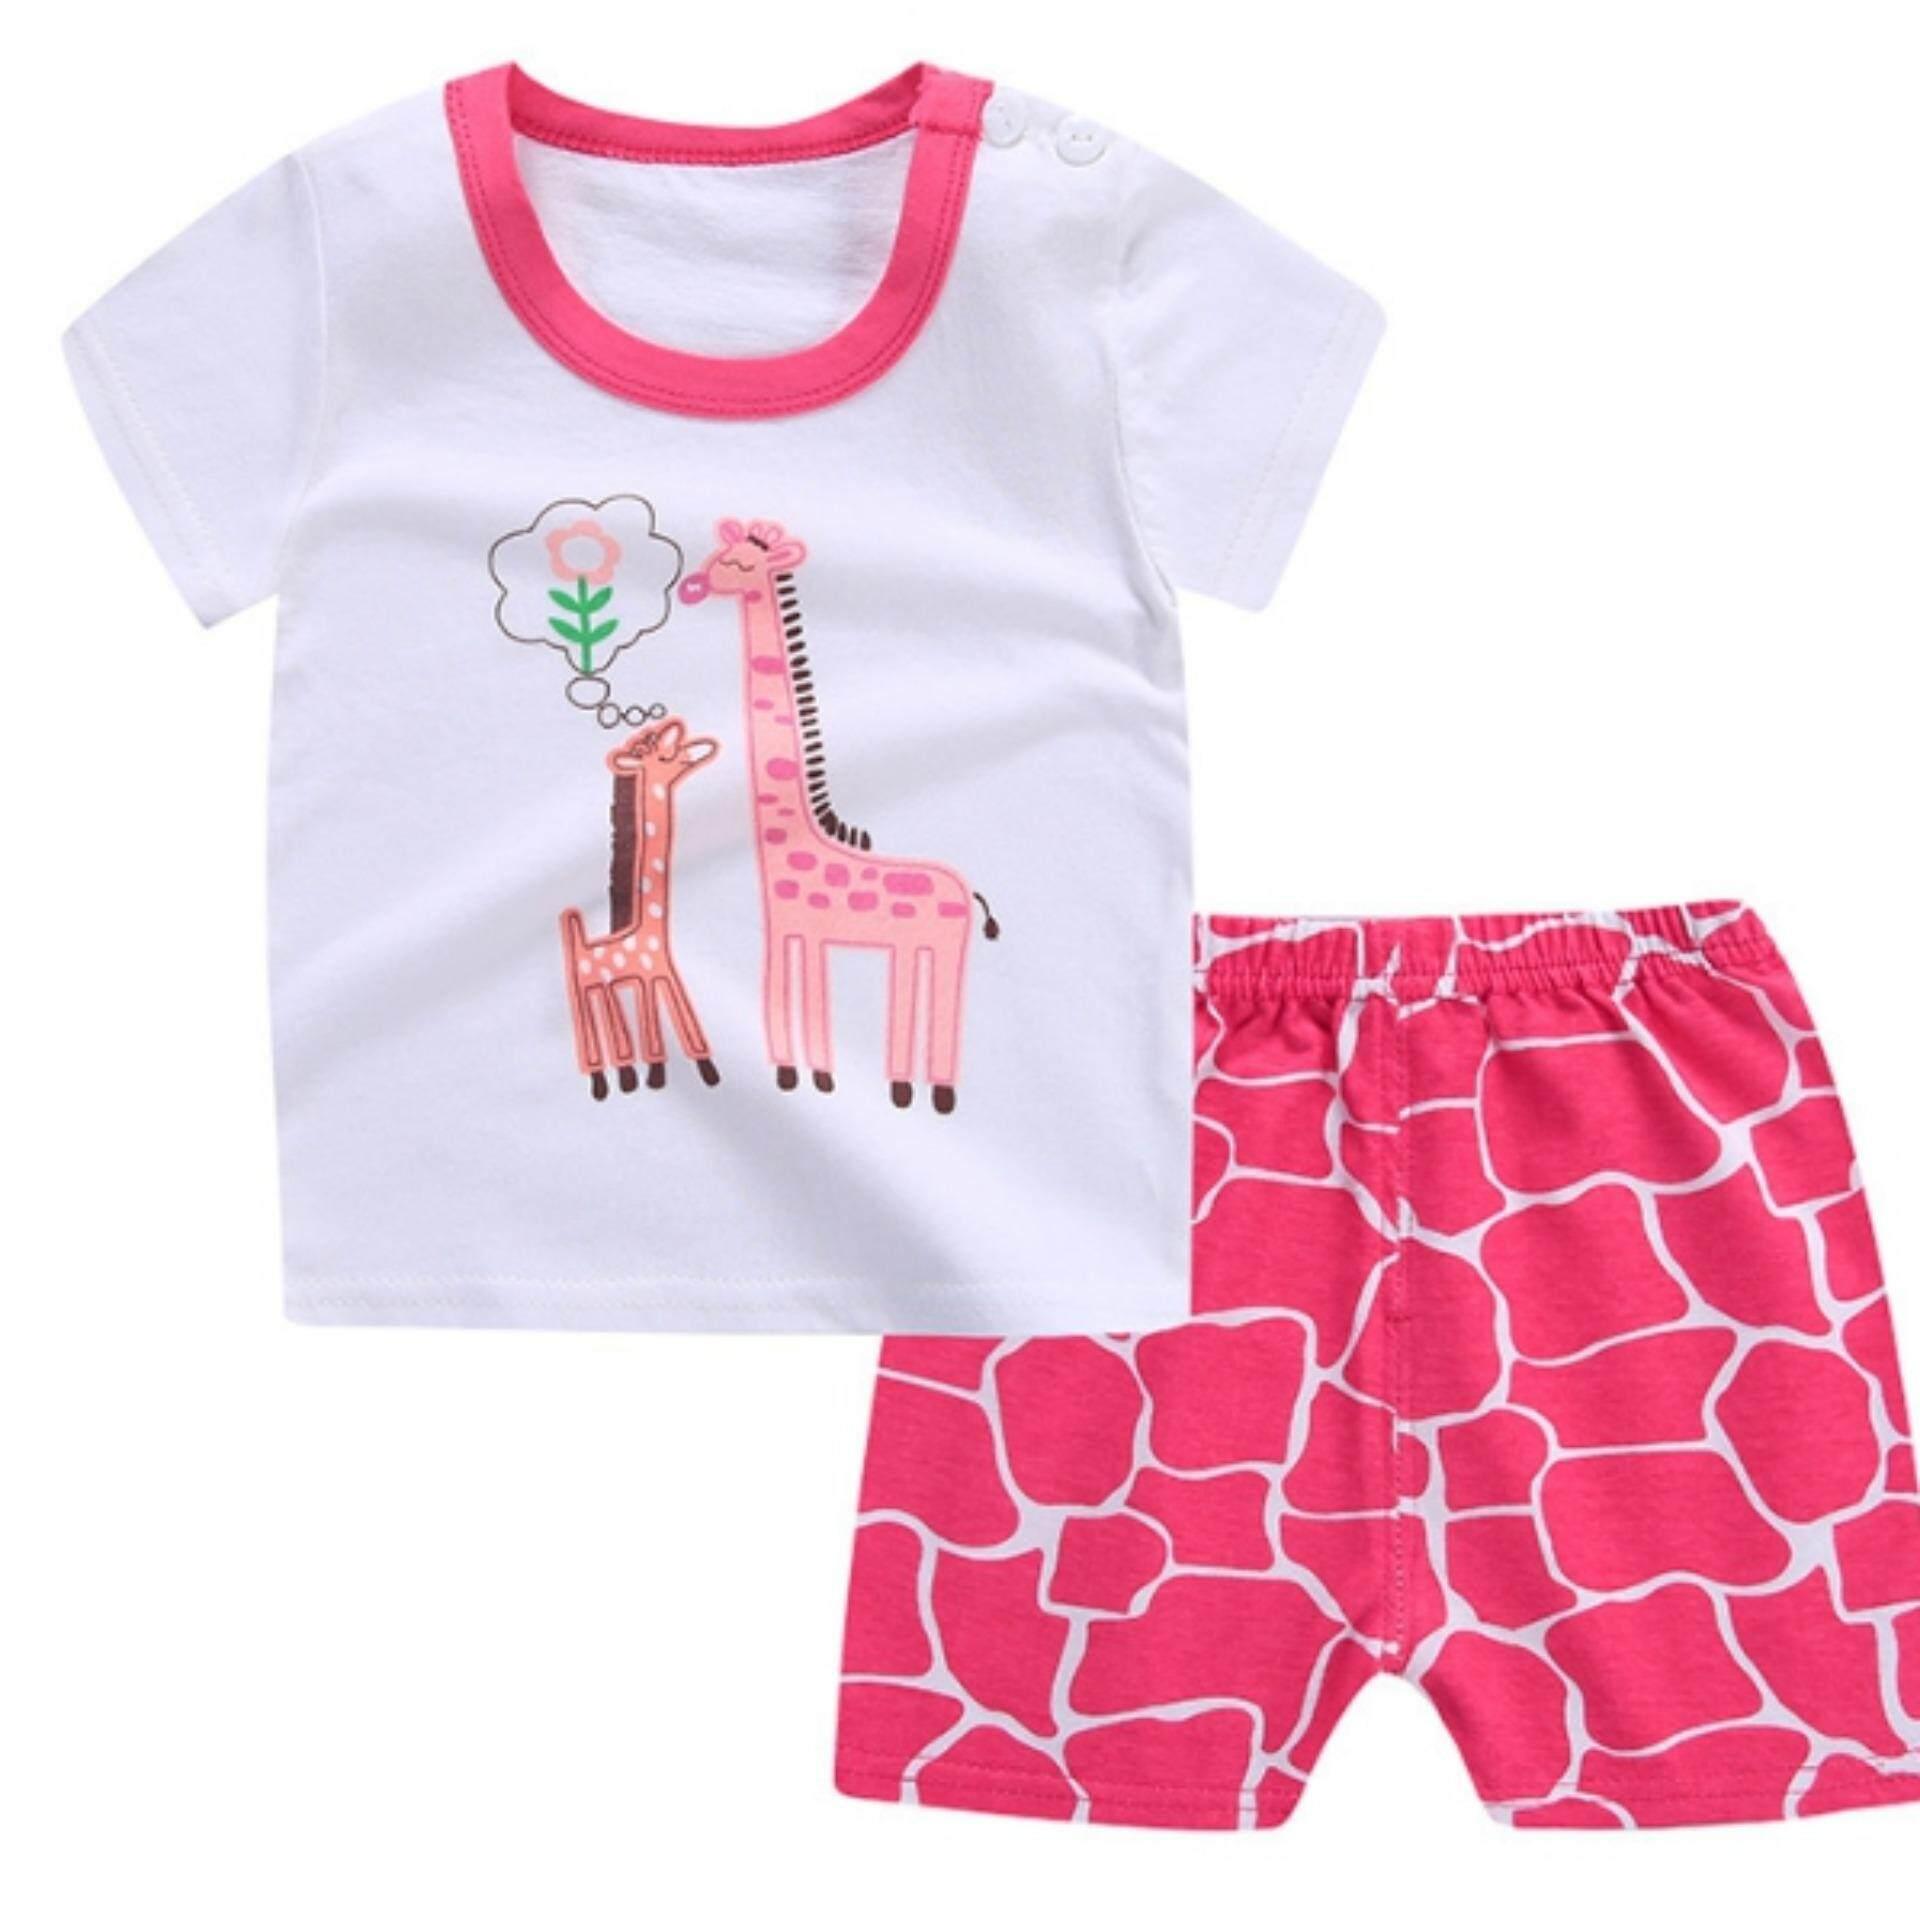 เสื้อ+กางเกงขาสั้น ลายการ์ตูนสุดน่ารัก เนื้อผ้านุ่ม ใส่สบาย ลายสกรีนไม่แตก Kids Clothes  ไซส์ 70-140 ซม./6 เดือน-10 ปี